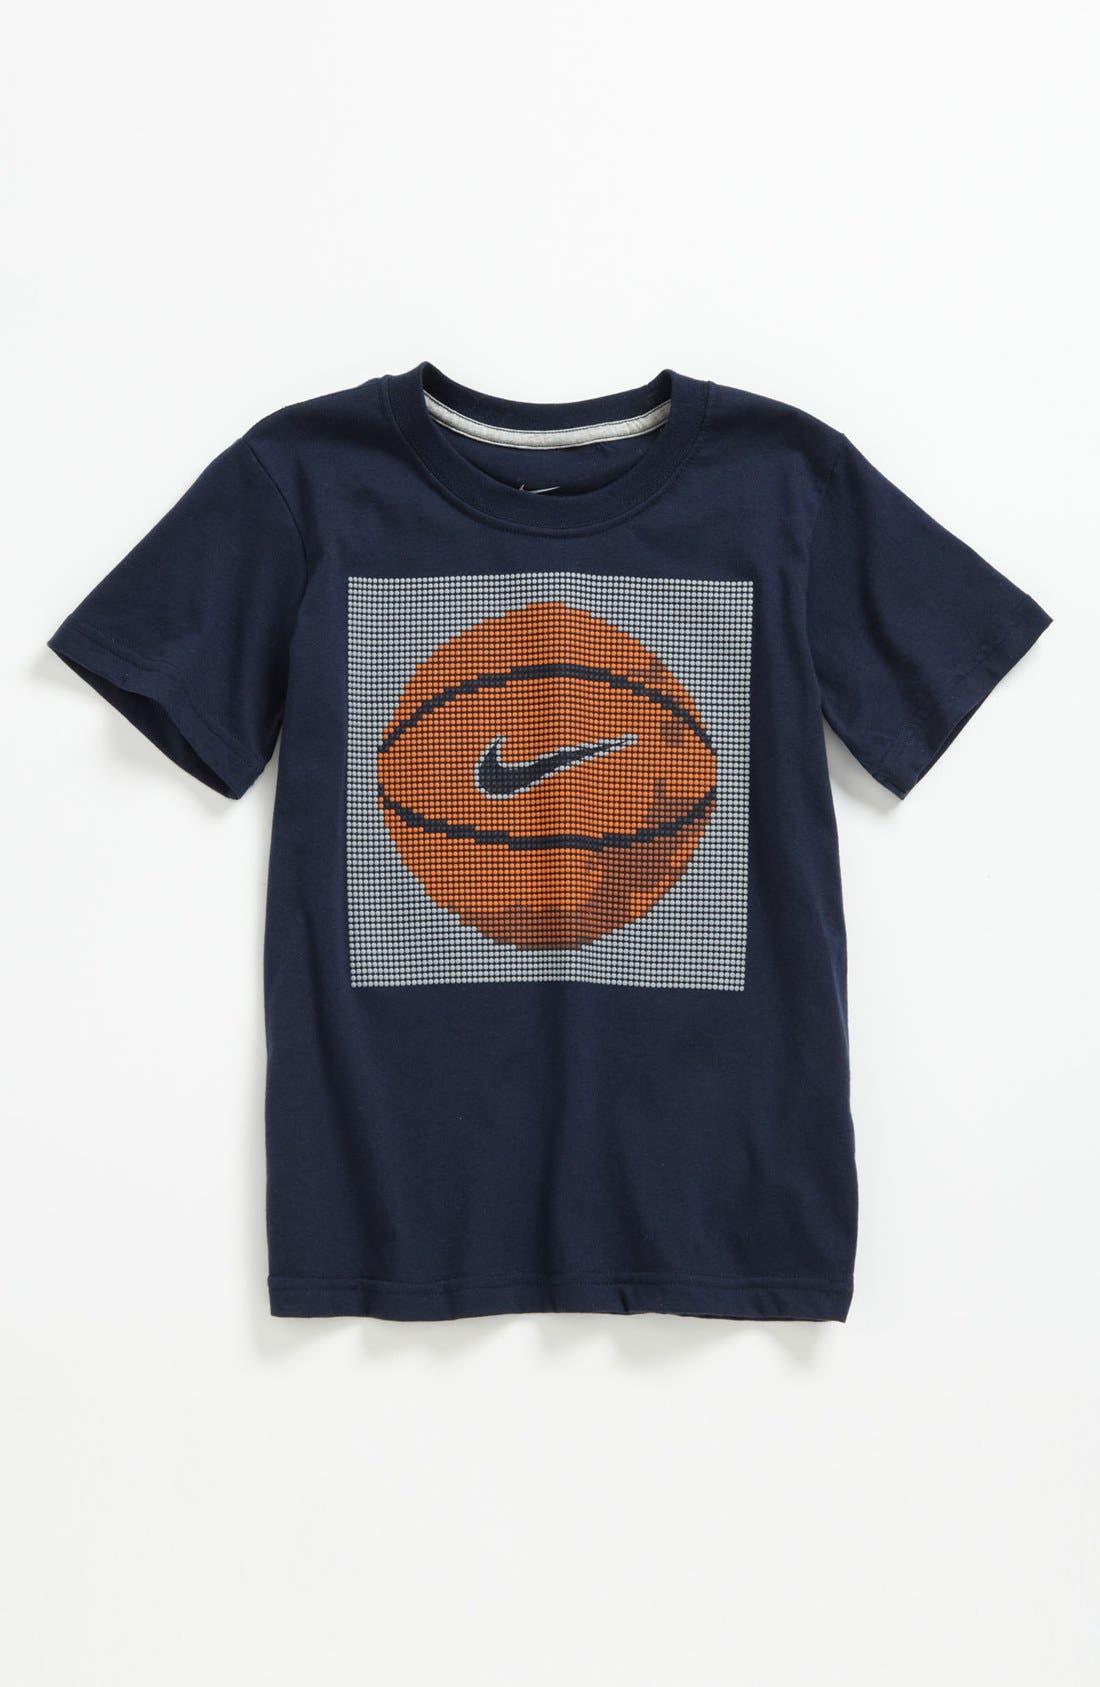 Alternate Image 1 Selected - Nike 'Basketball' T-Shirt (Little Boys)